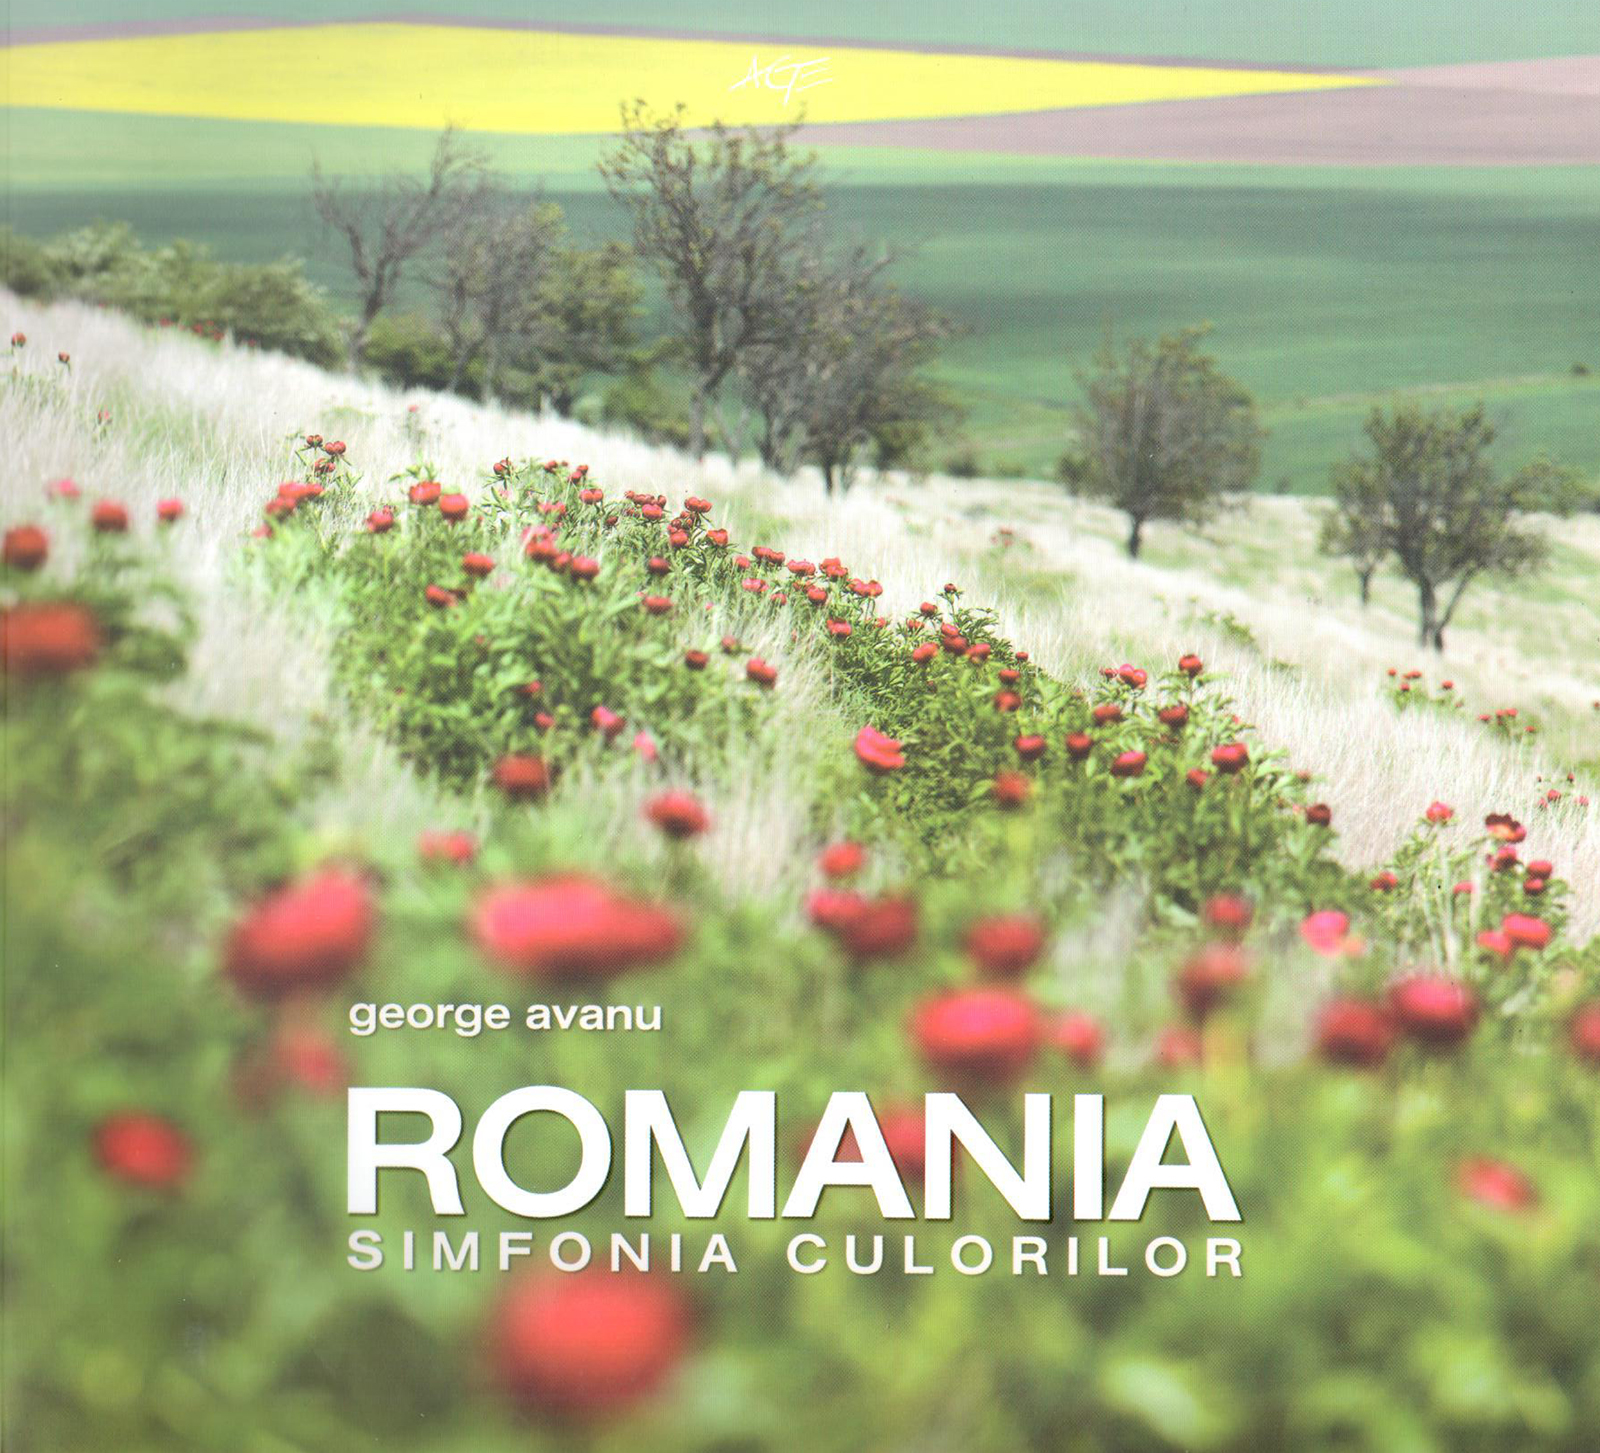 Romania Simfonia culorilor